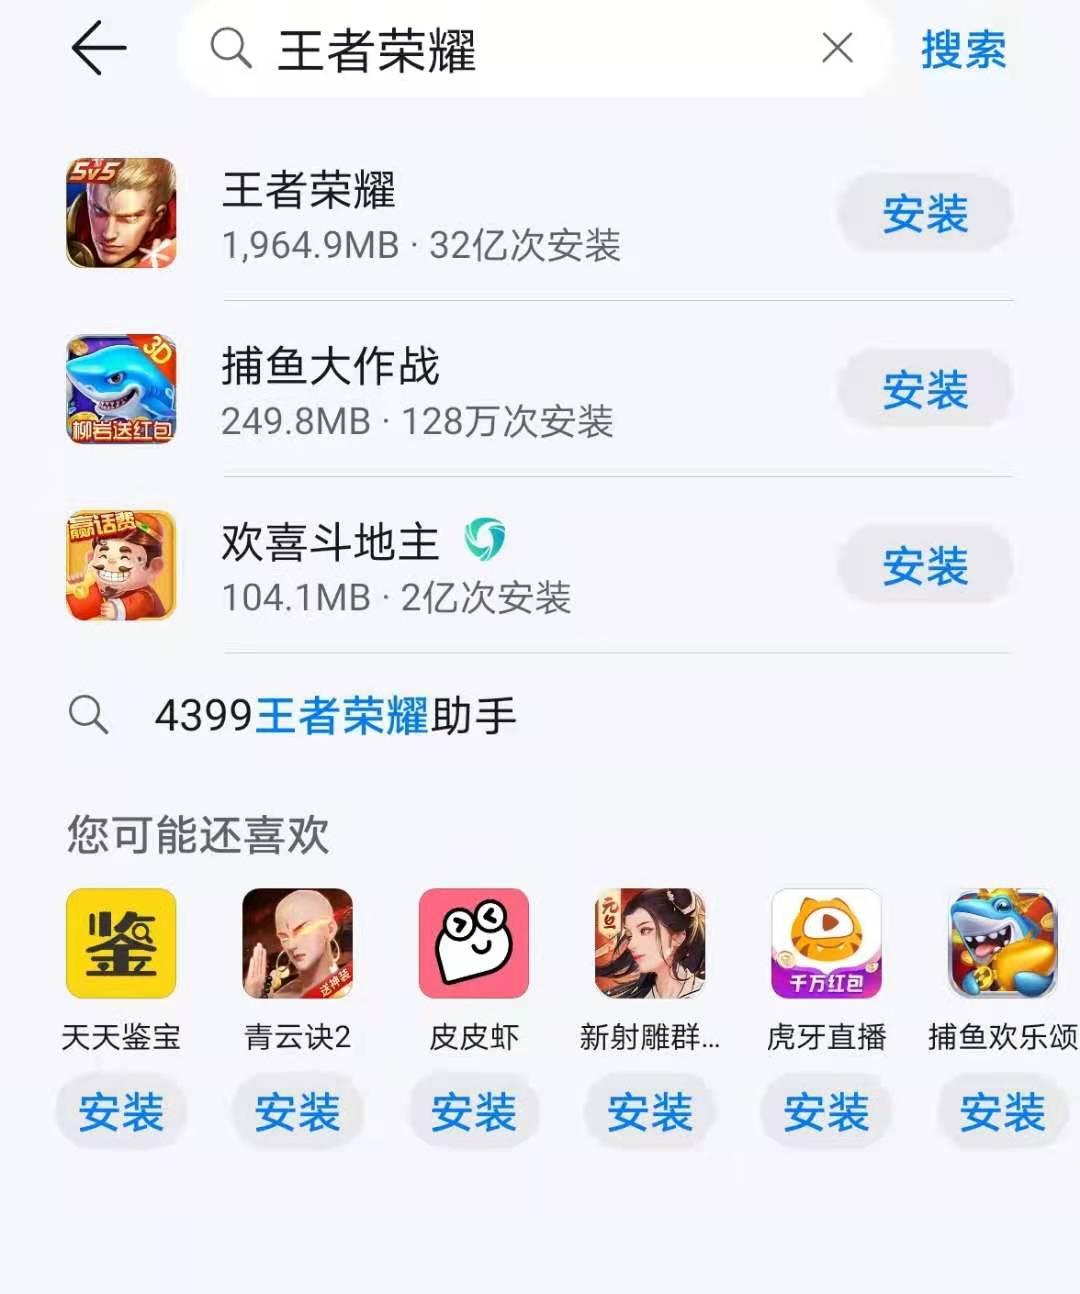 电银付使用教程(dianyinzhifu.com):王者荣耀恢复上架 华为、腾讯之争现转机 第1张